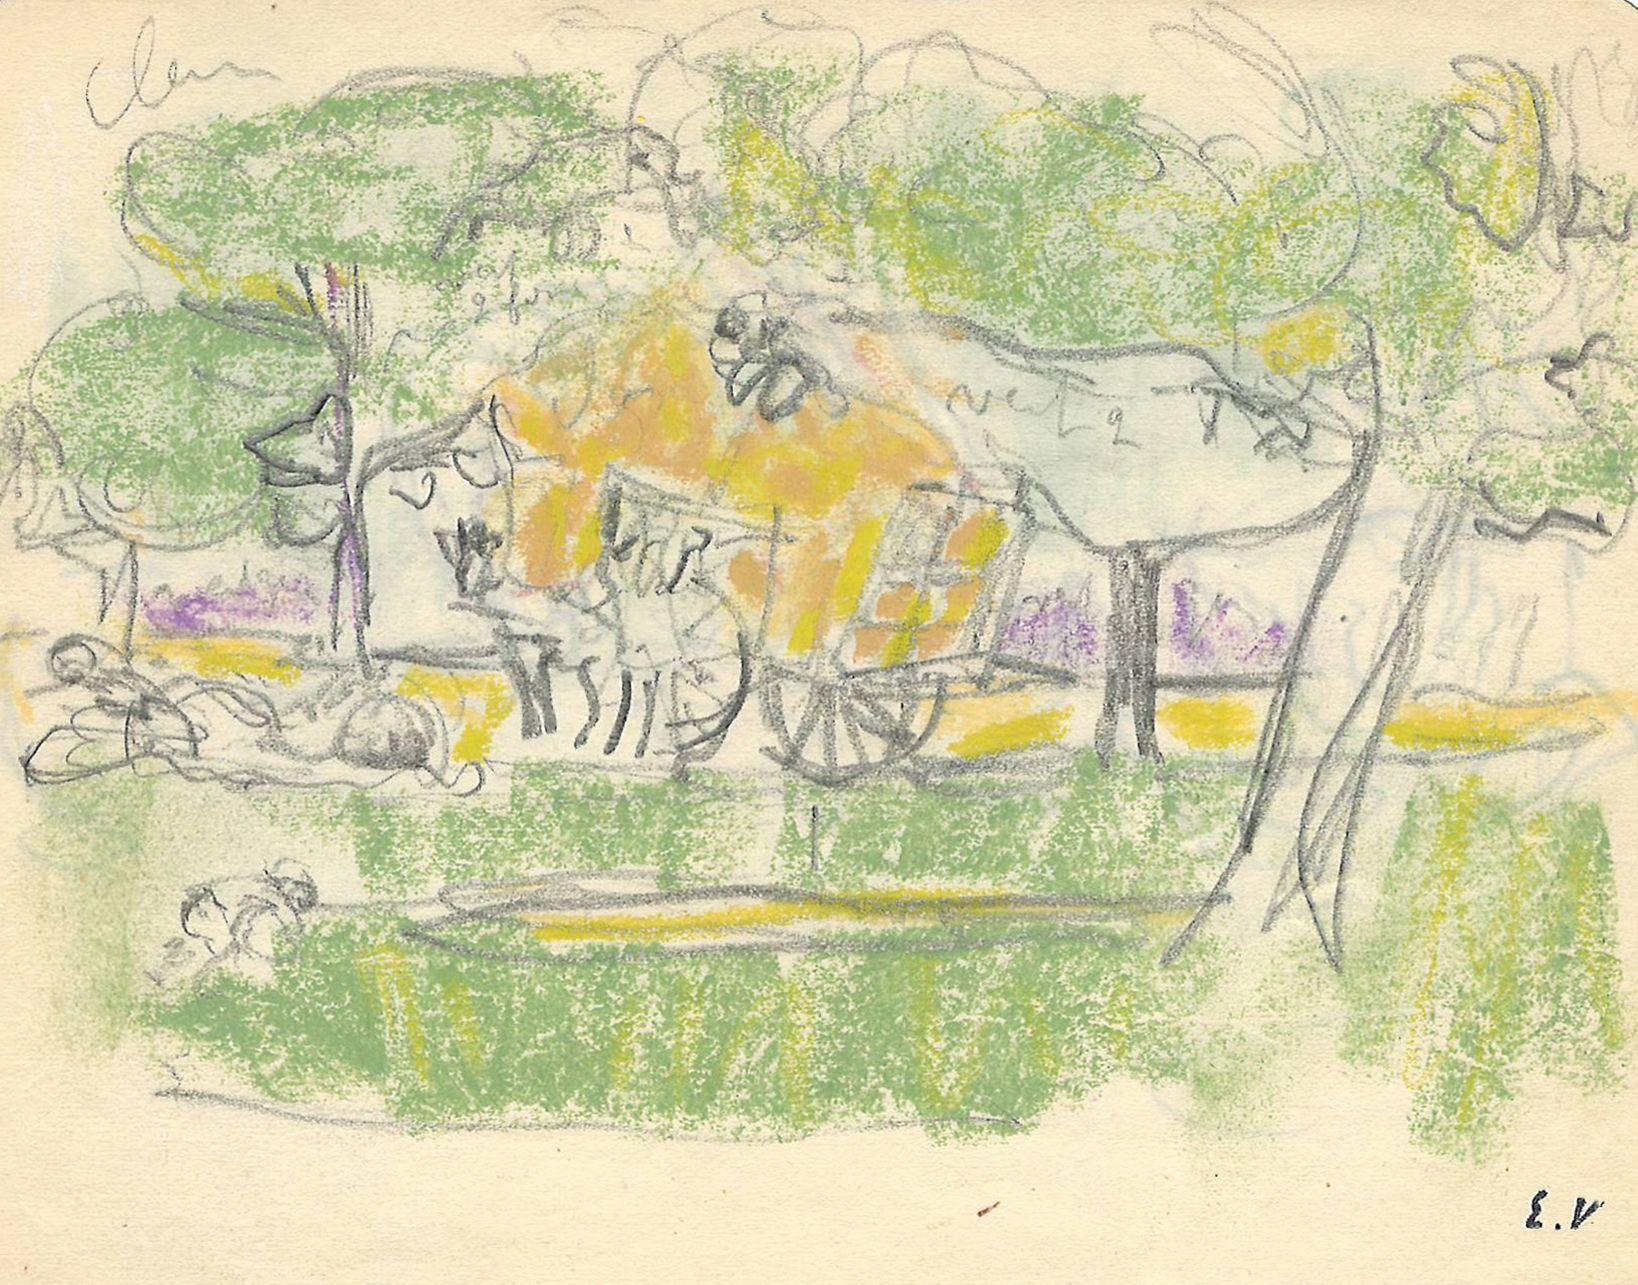 Edouard Vuillard La Charette de foin, c. 1905-07